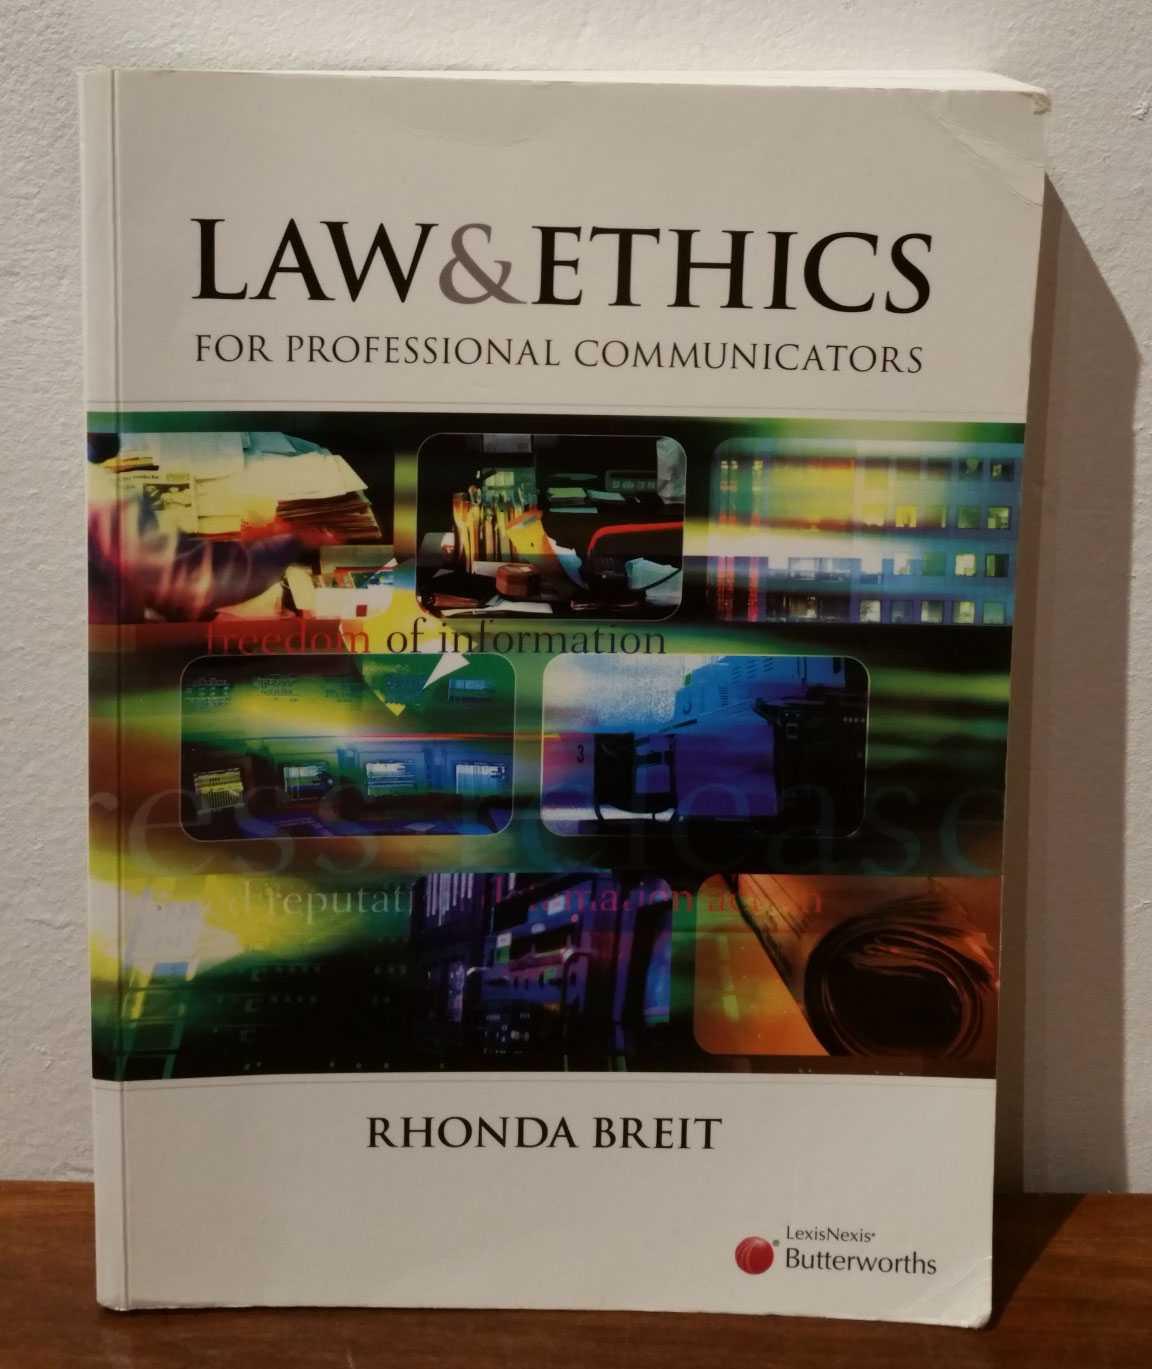 Law & Ethics for professional communicators, Rhonda Breit